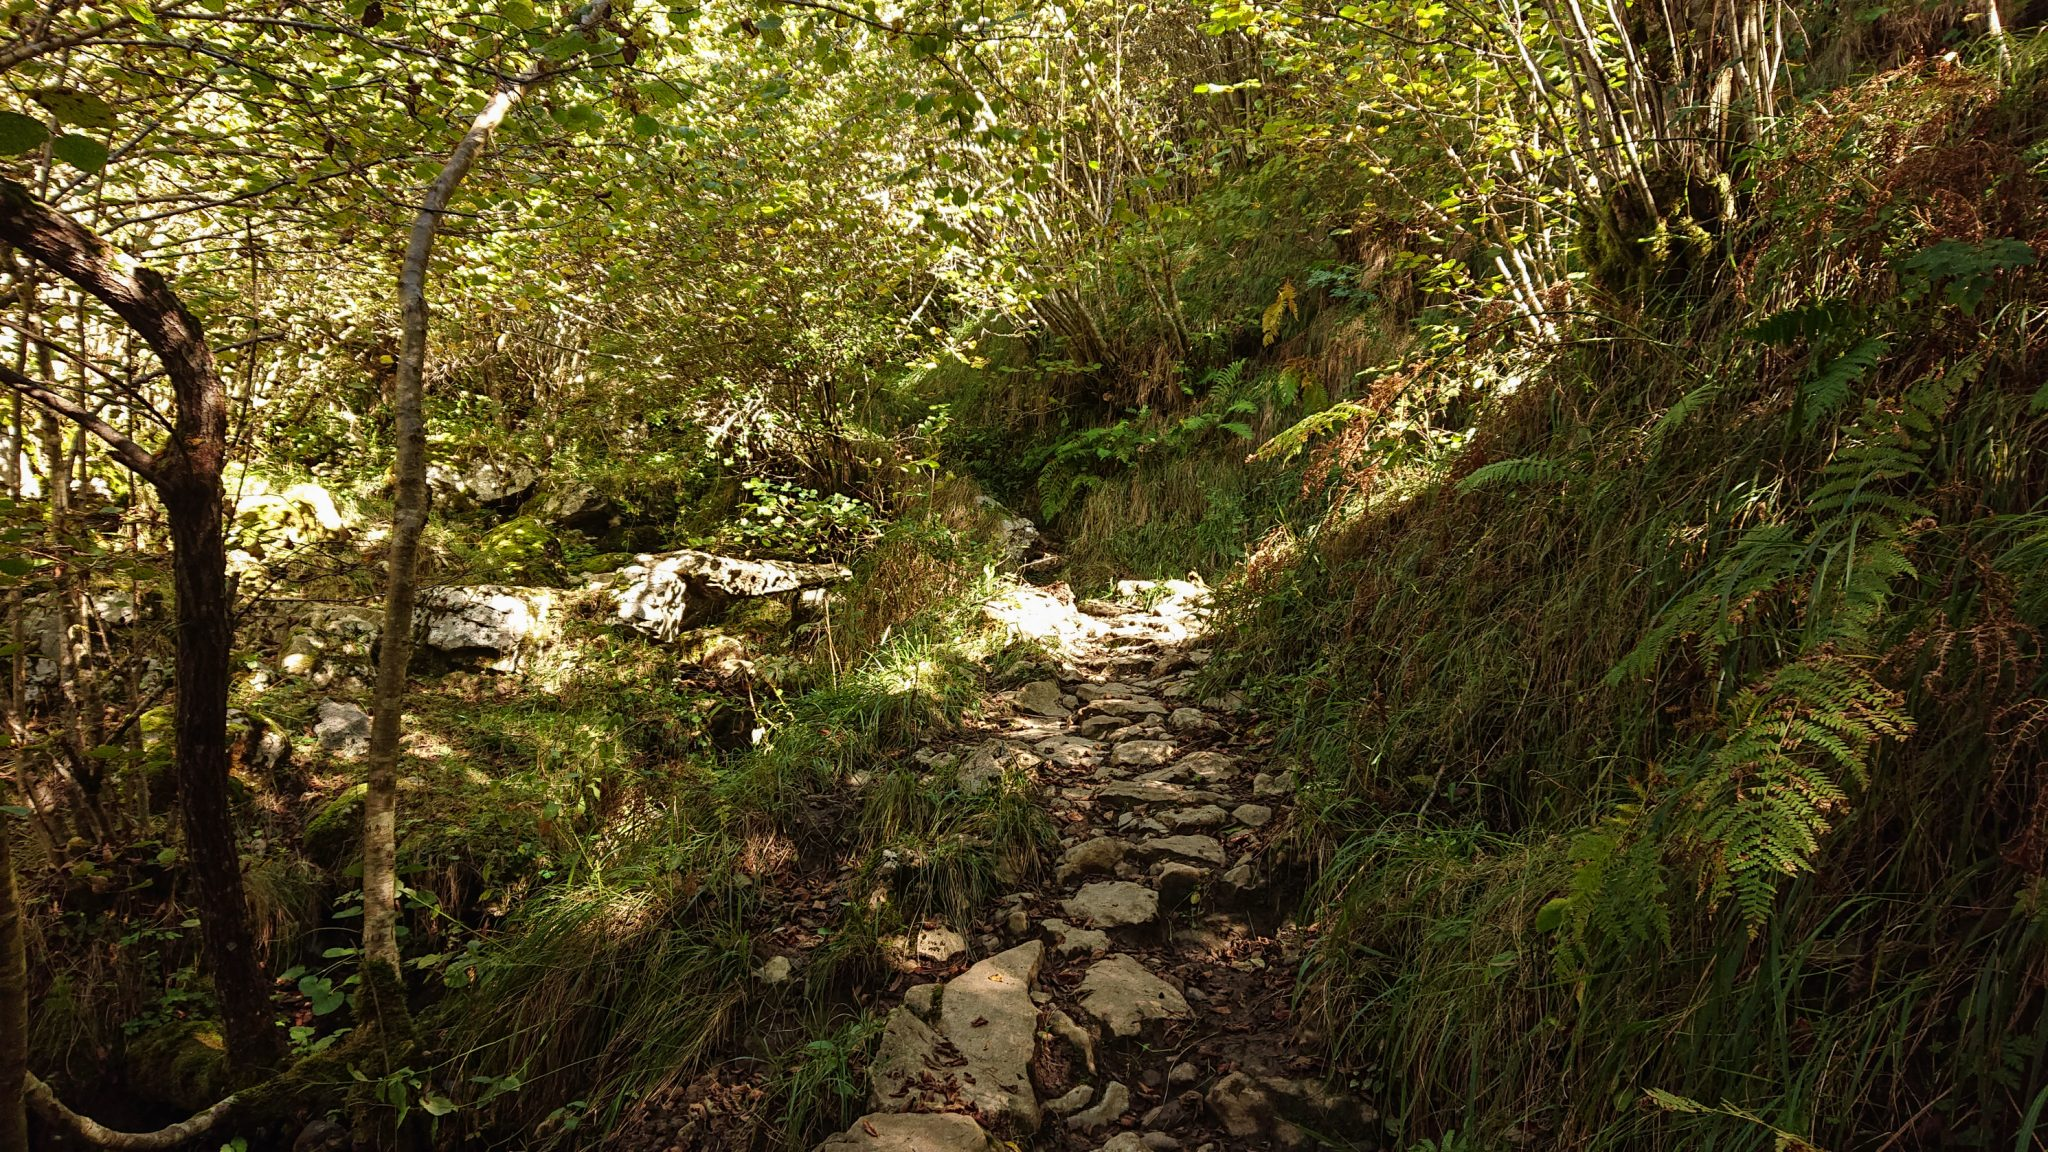 Wanderung Poncebos nach Bulnes in den Picos de Europa, Wanderpfad durch lichten Wald, tolles Wanderwetter, Steine, grüne Farne